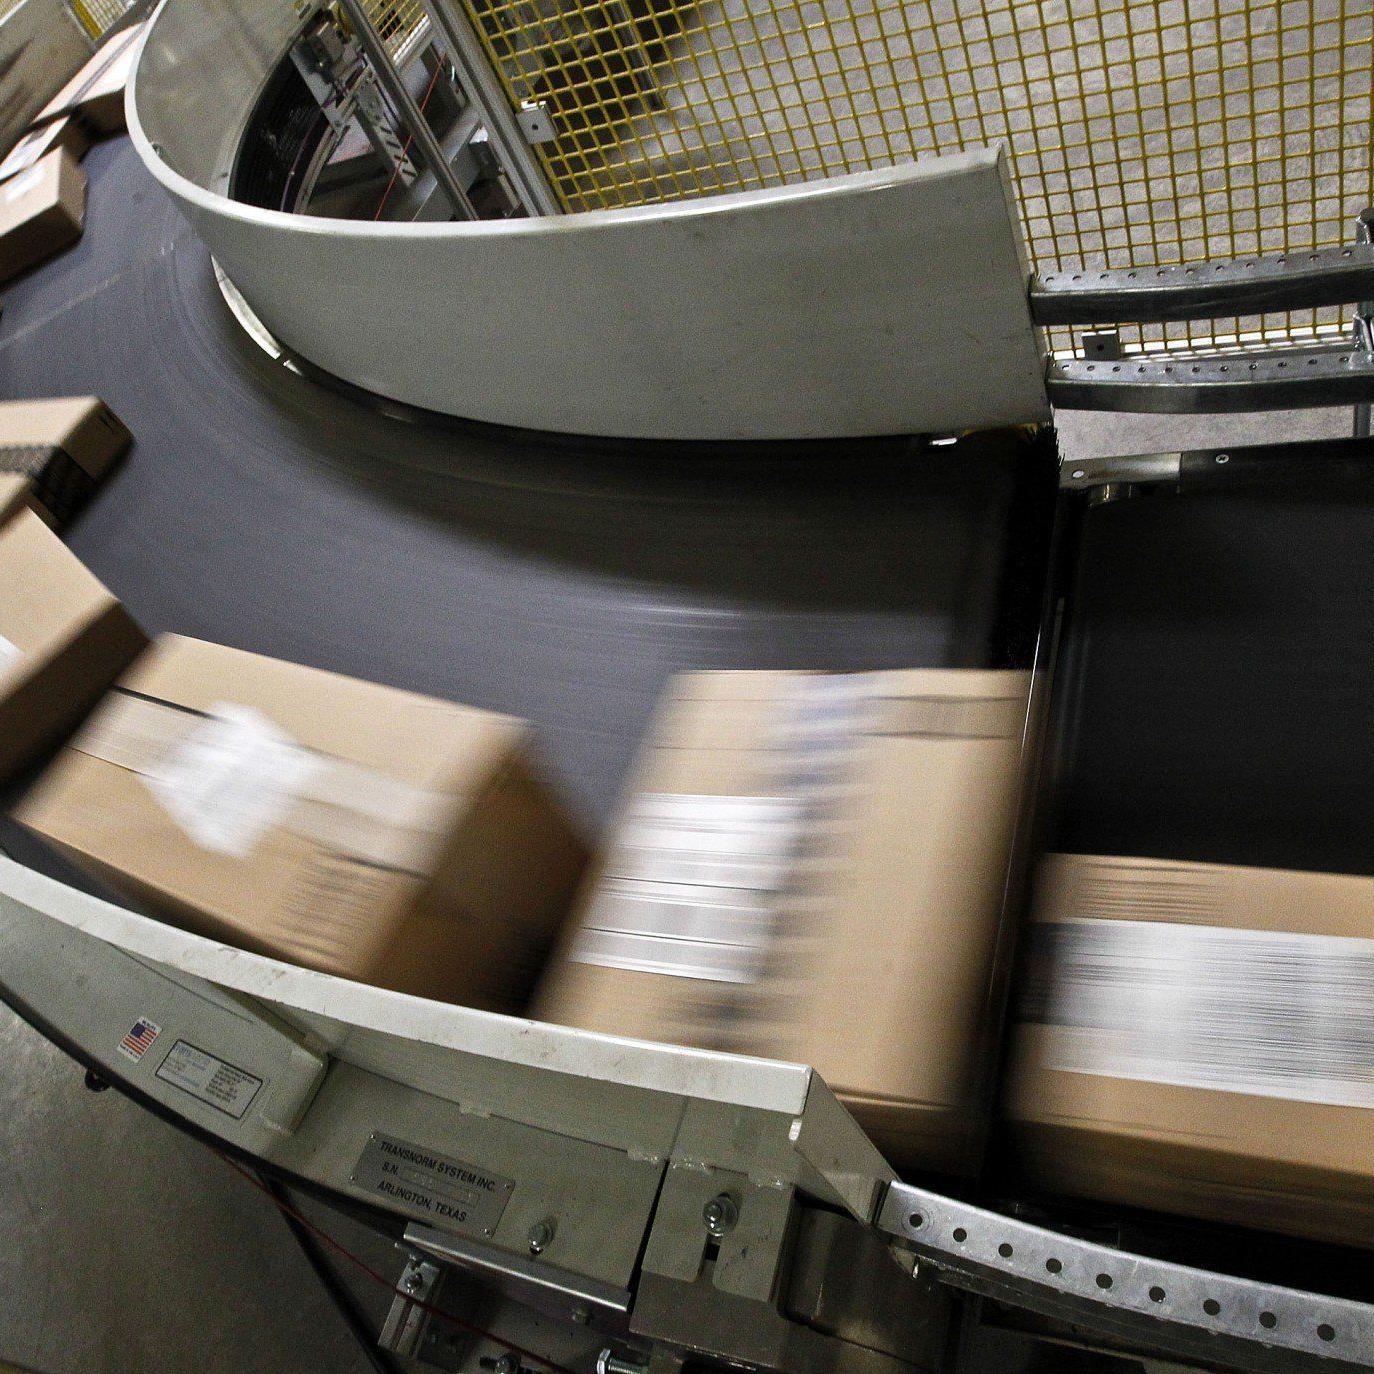 Online-Händler: Bei Warenwert über 40 Euro künftig ebenfalls Verrechnung von Rücksendekosten möglich